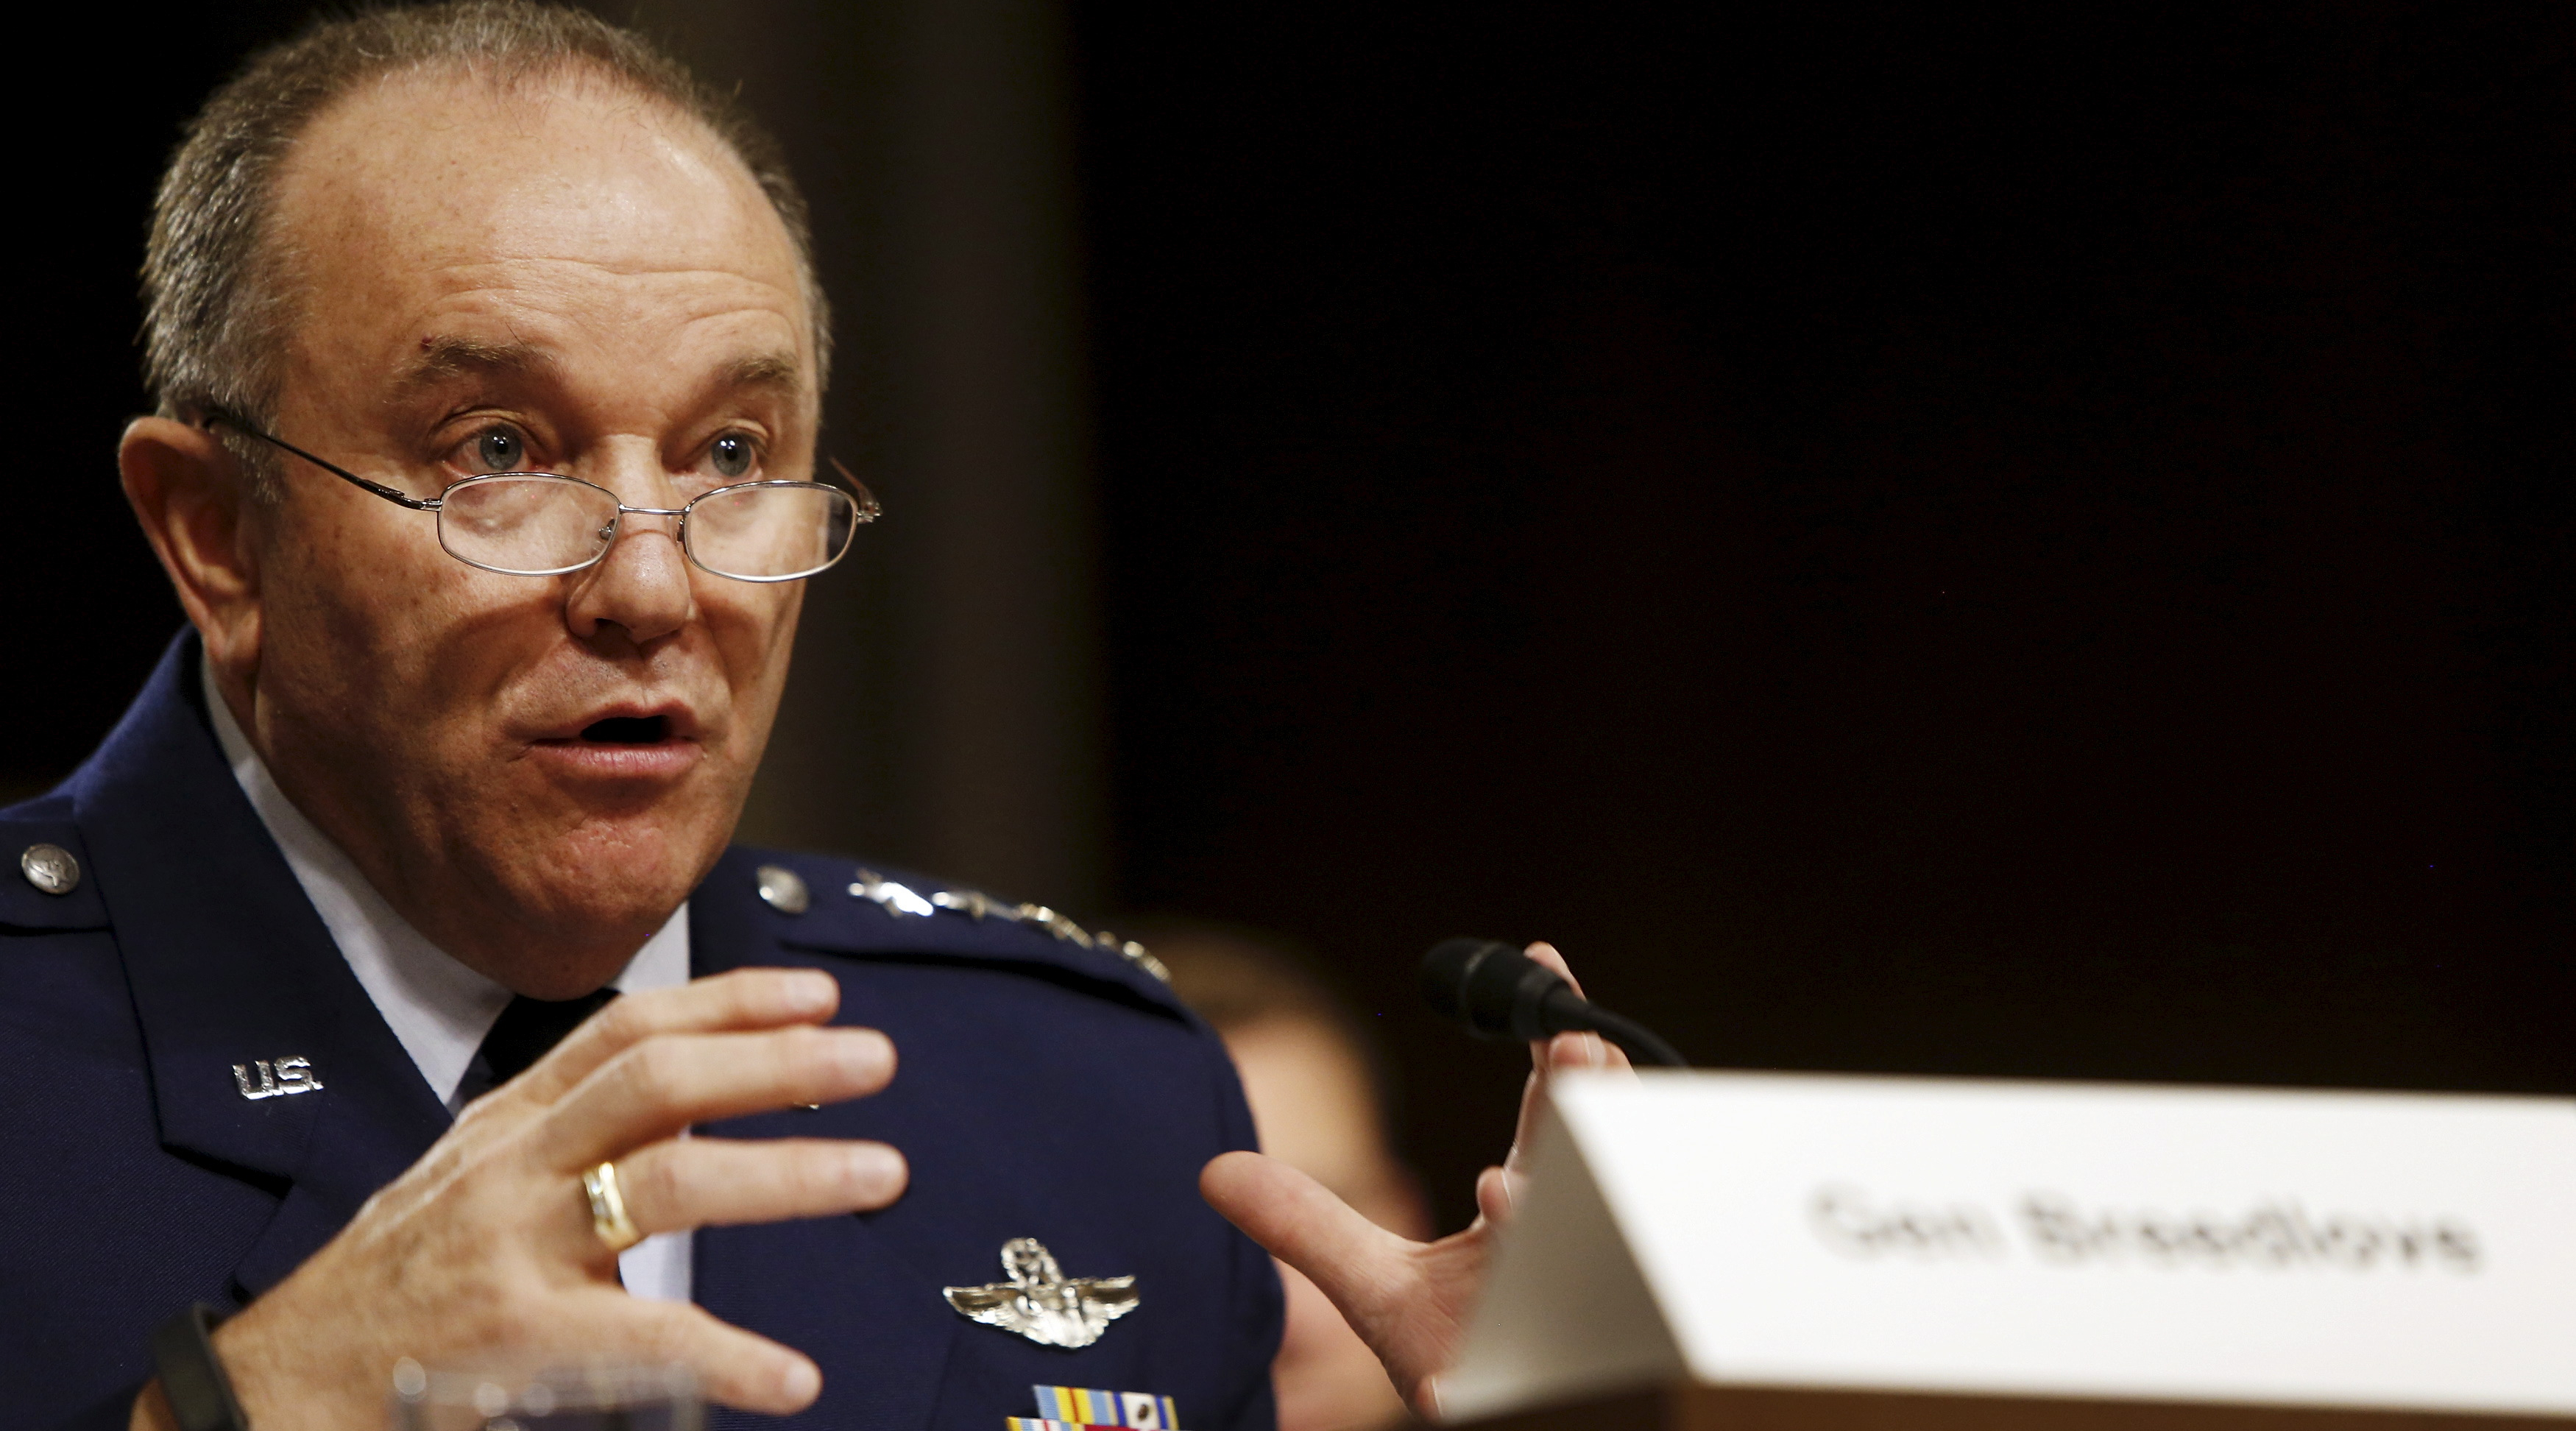 Бридлав призвал РФ и США снять напряженность между двумя странами